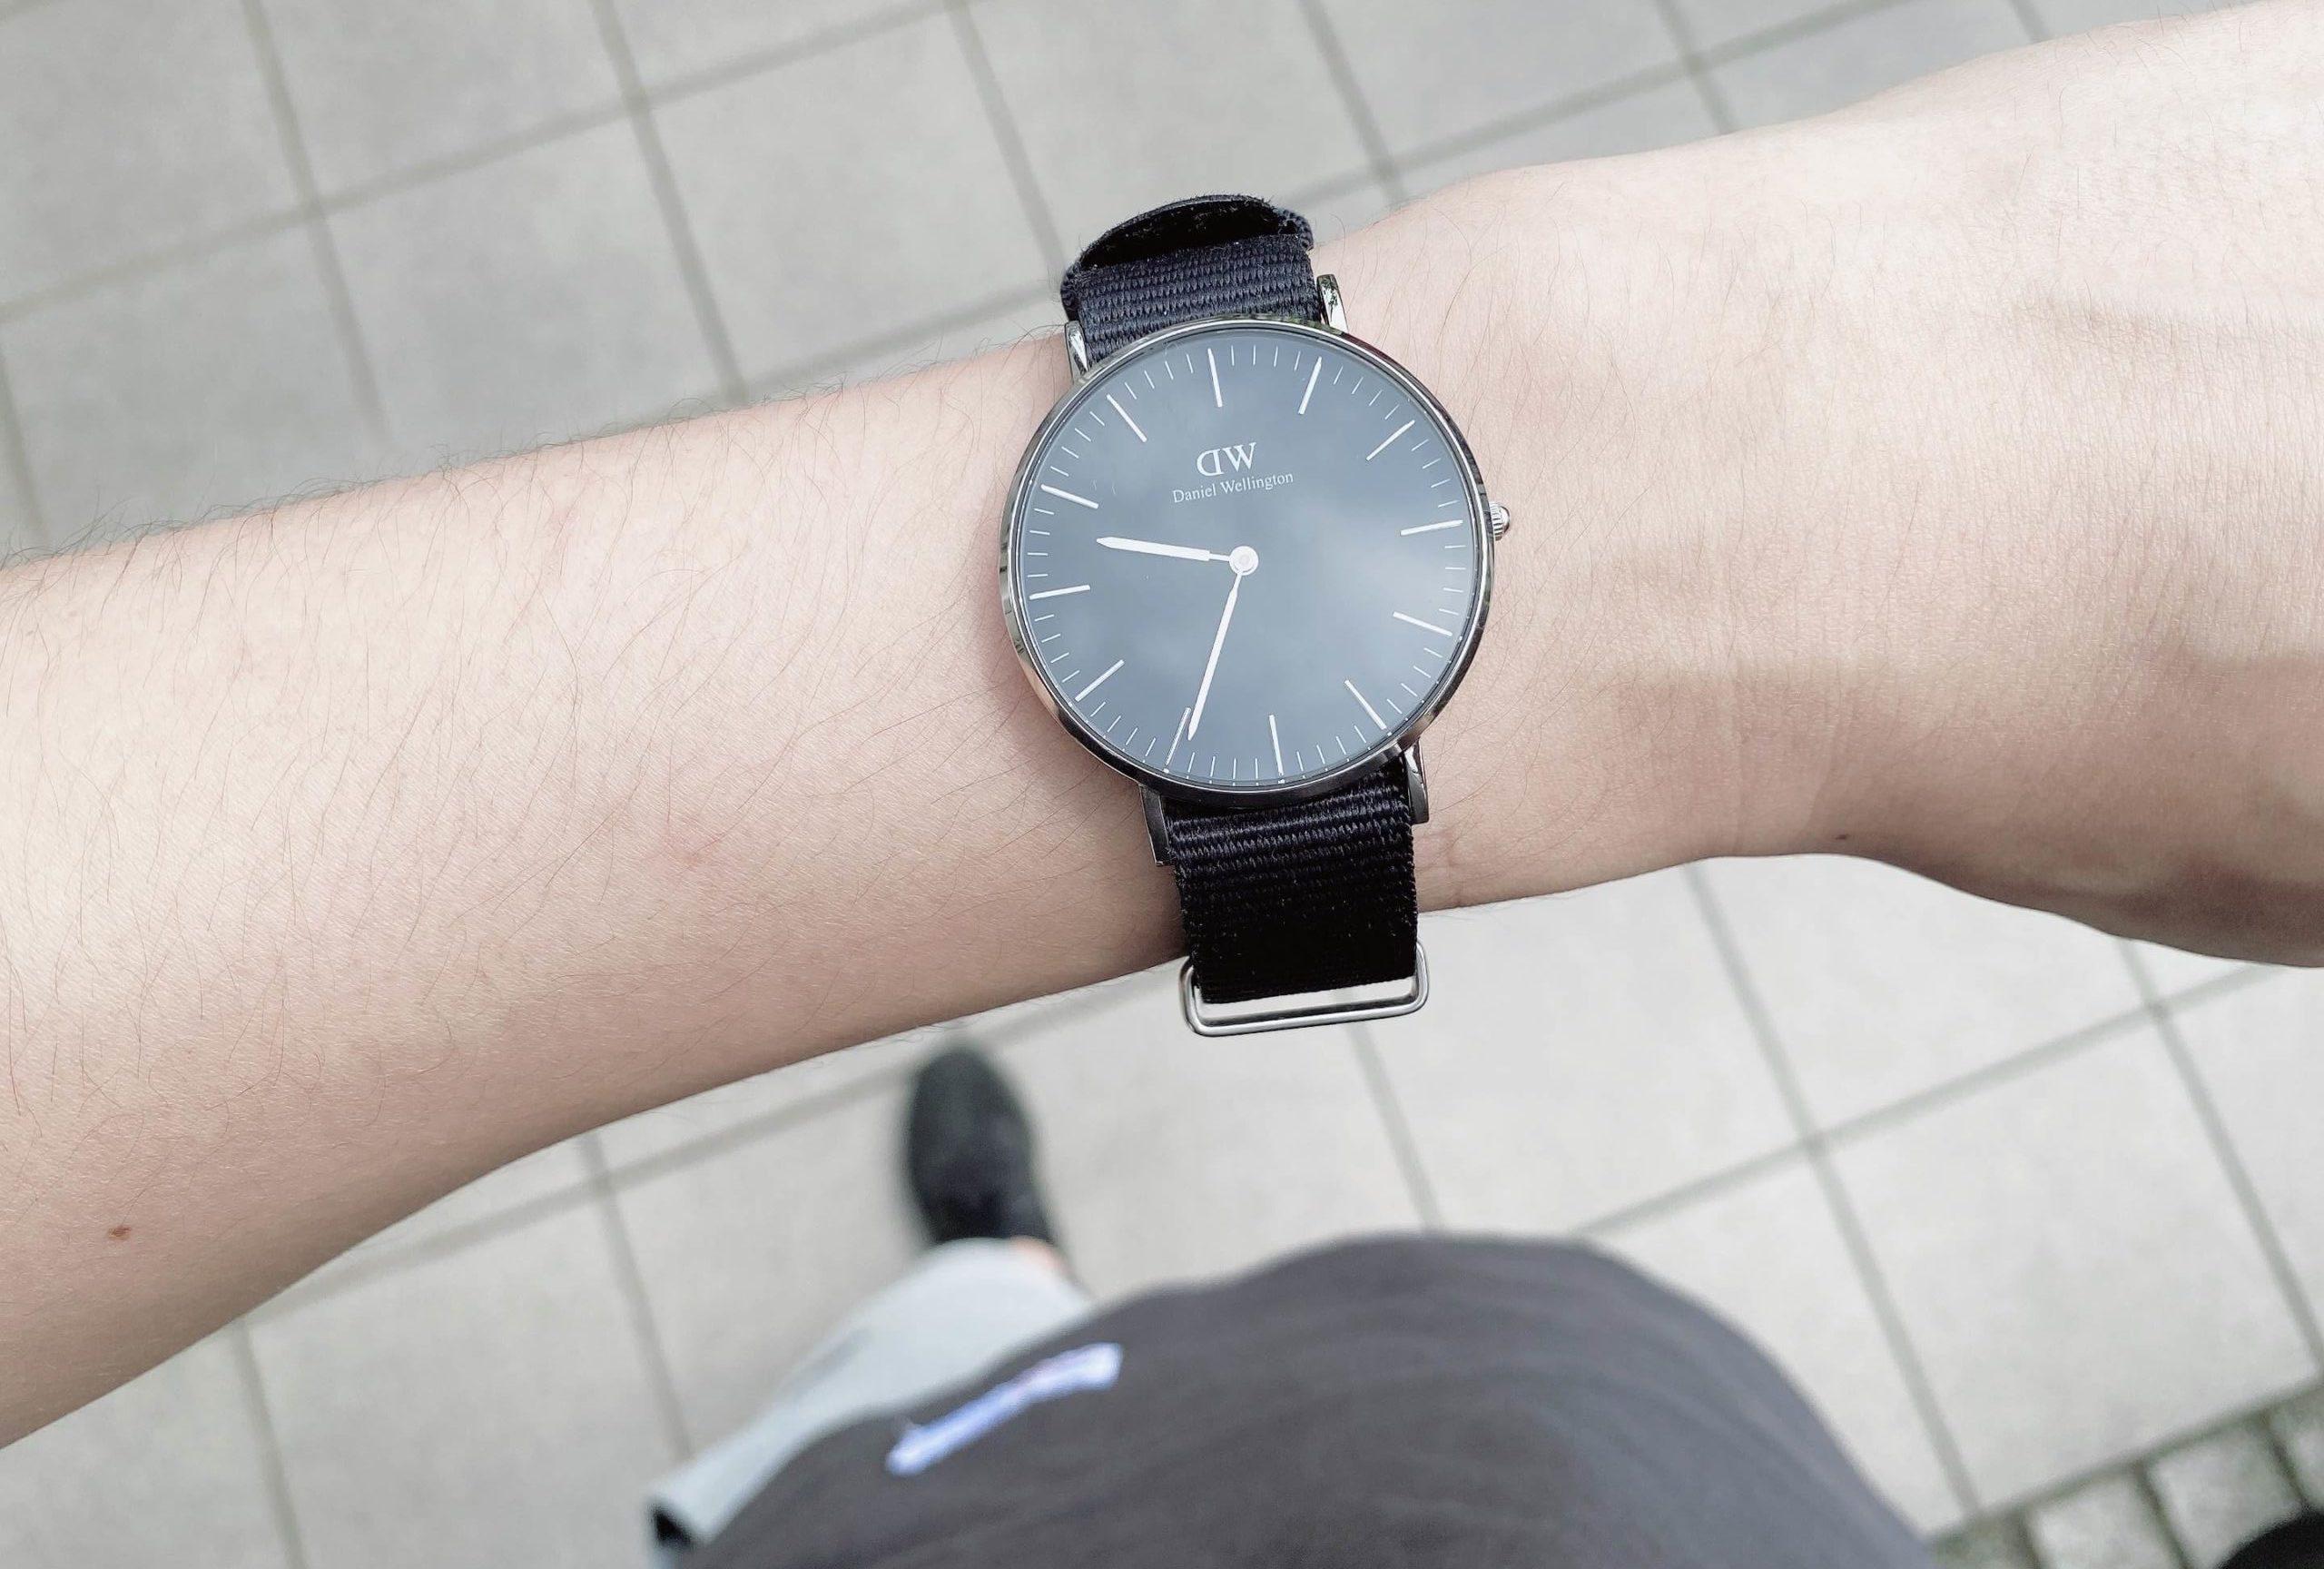 ダサい?ダニエルウェリントンの春夏用メンズ時計をレビュー